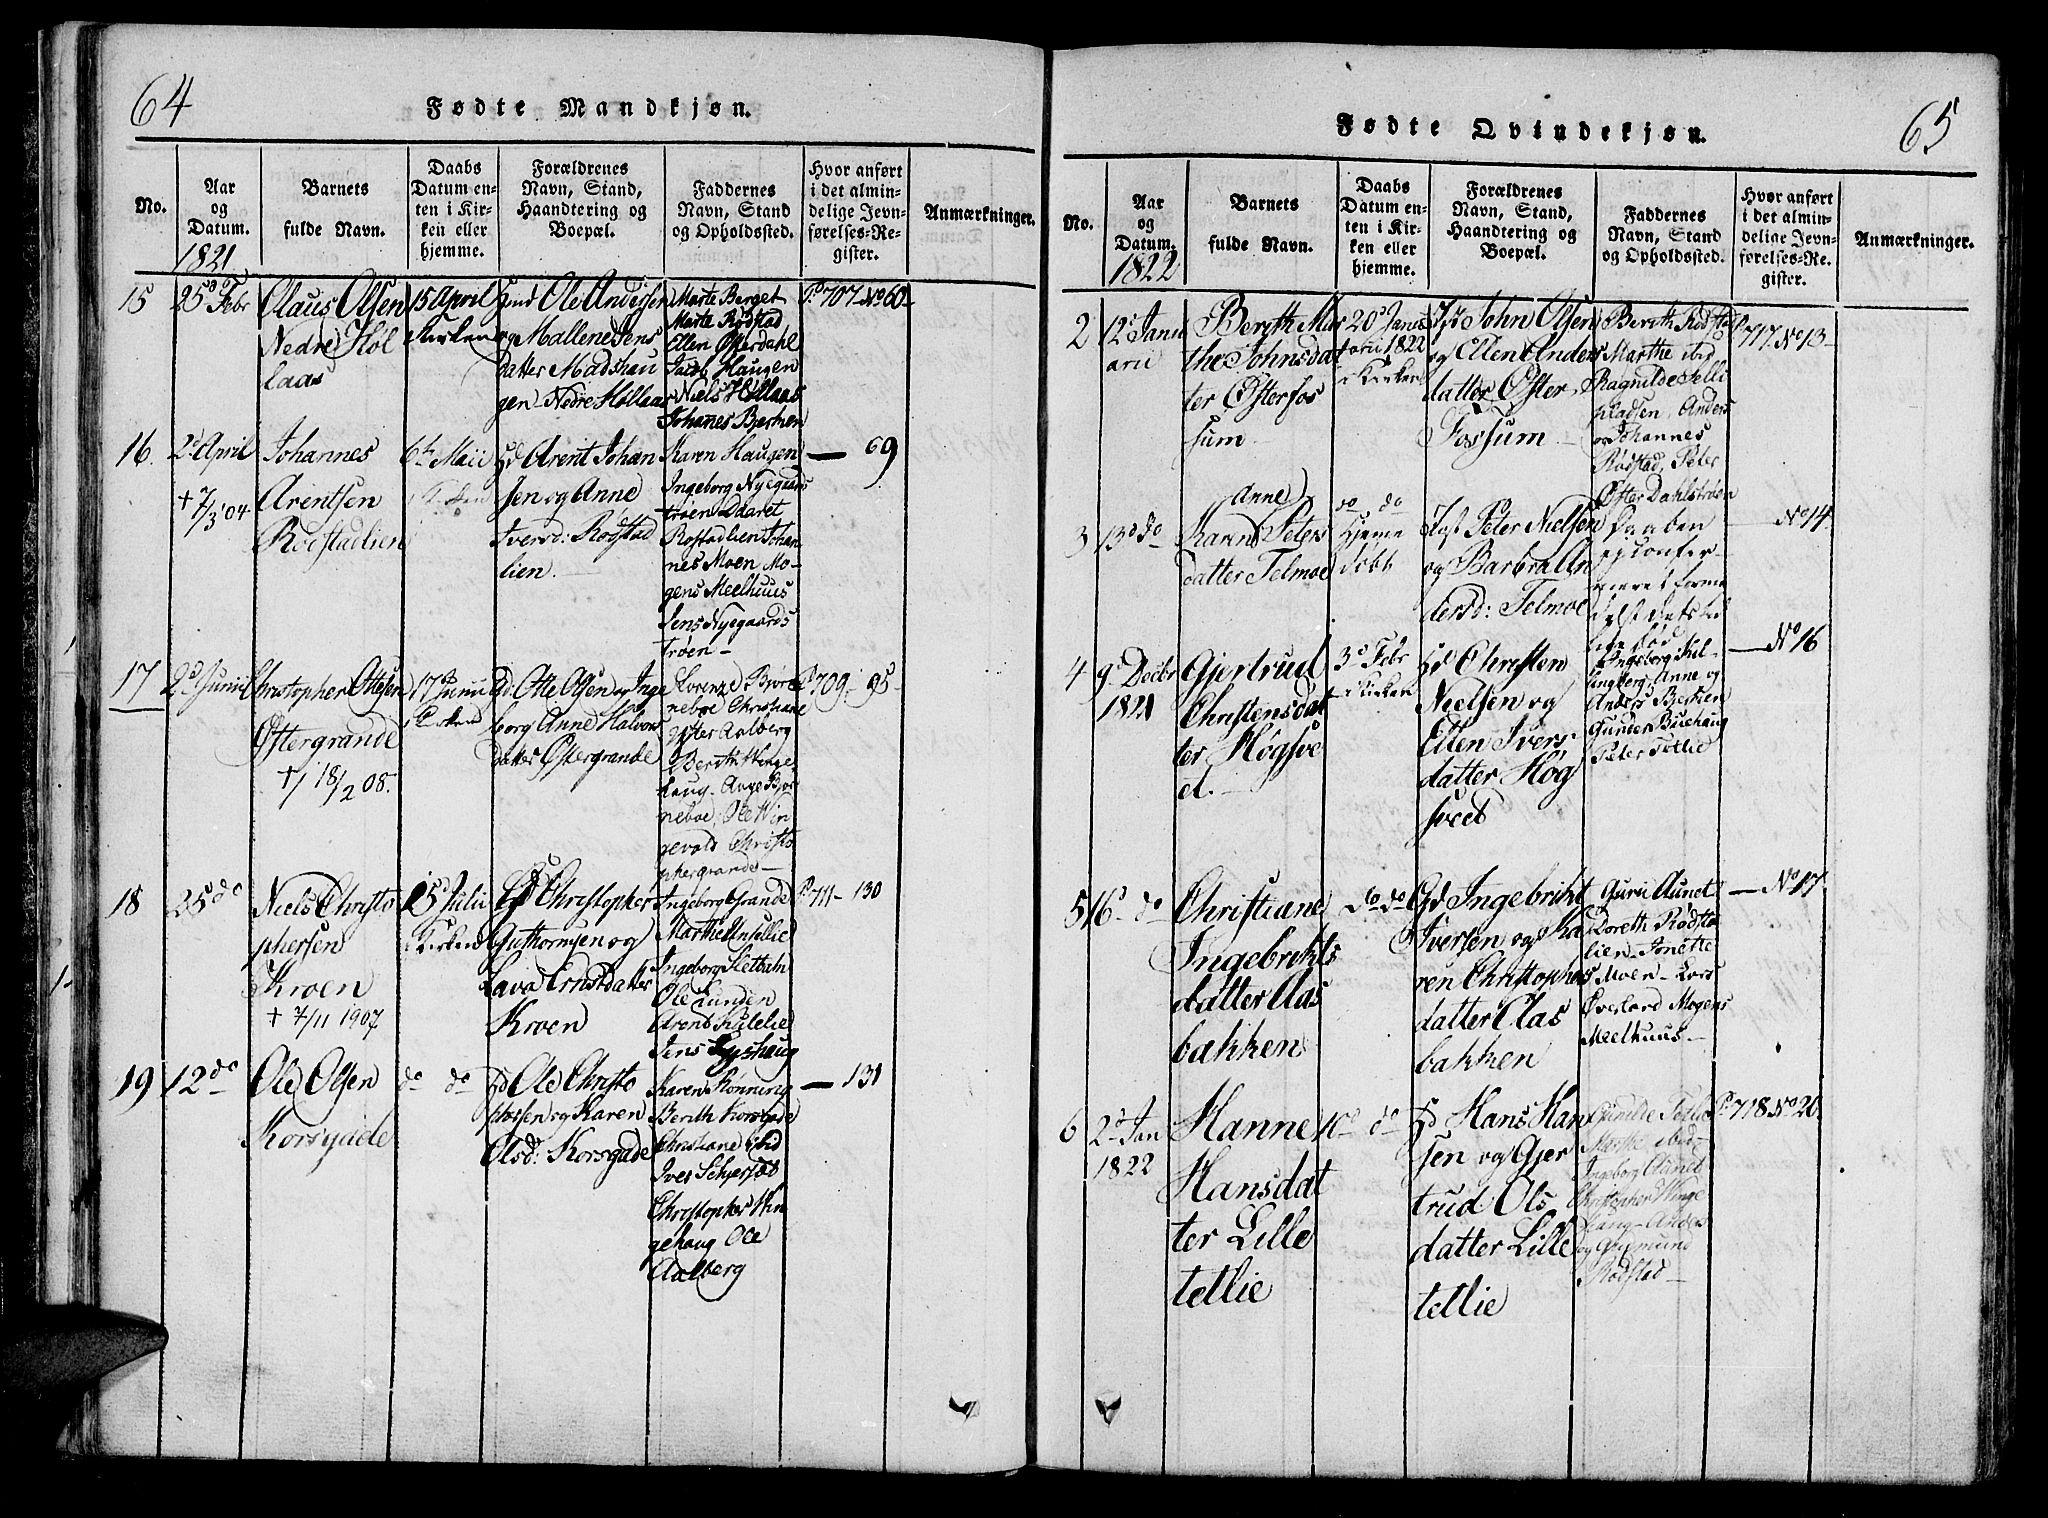 SAT, Ministerialprotokoller, klokkerbøker og fødselsregistre - Nord-Trøndelag, 701/L0005: Ministerialbok nr. 701A05 /1, 1816-1825, s. 64-65